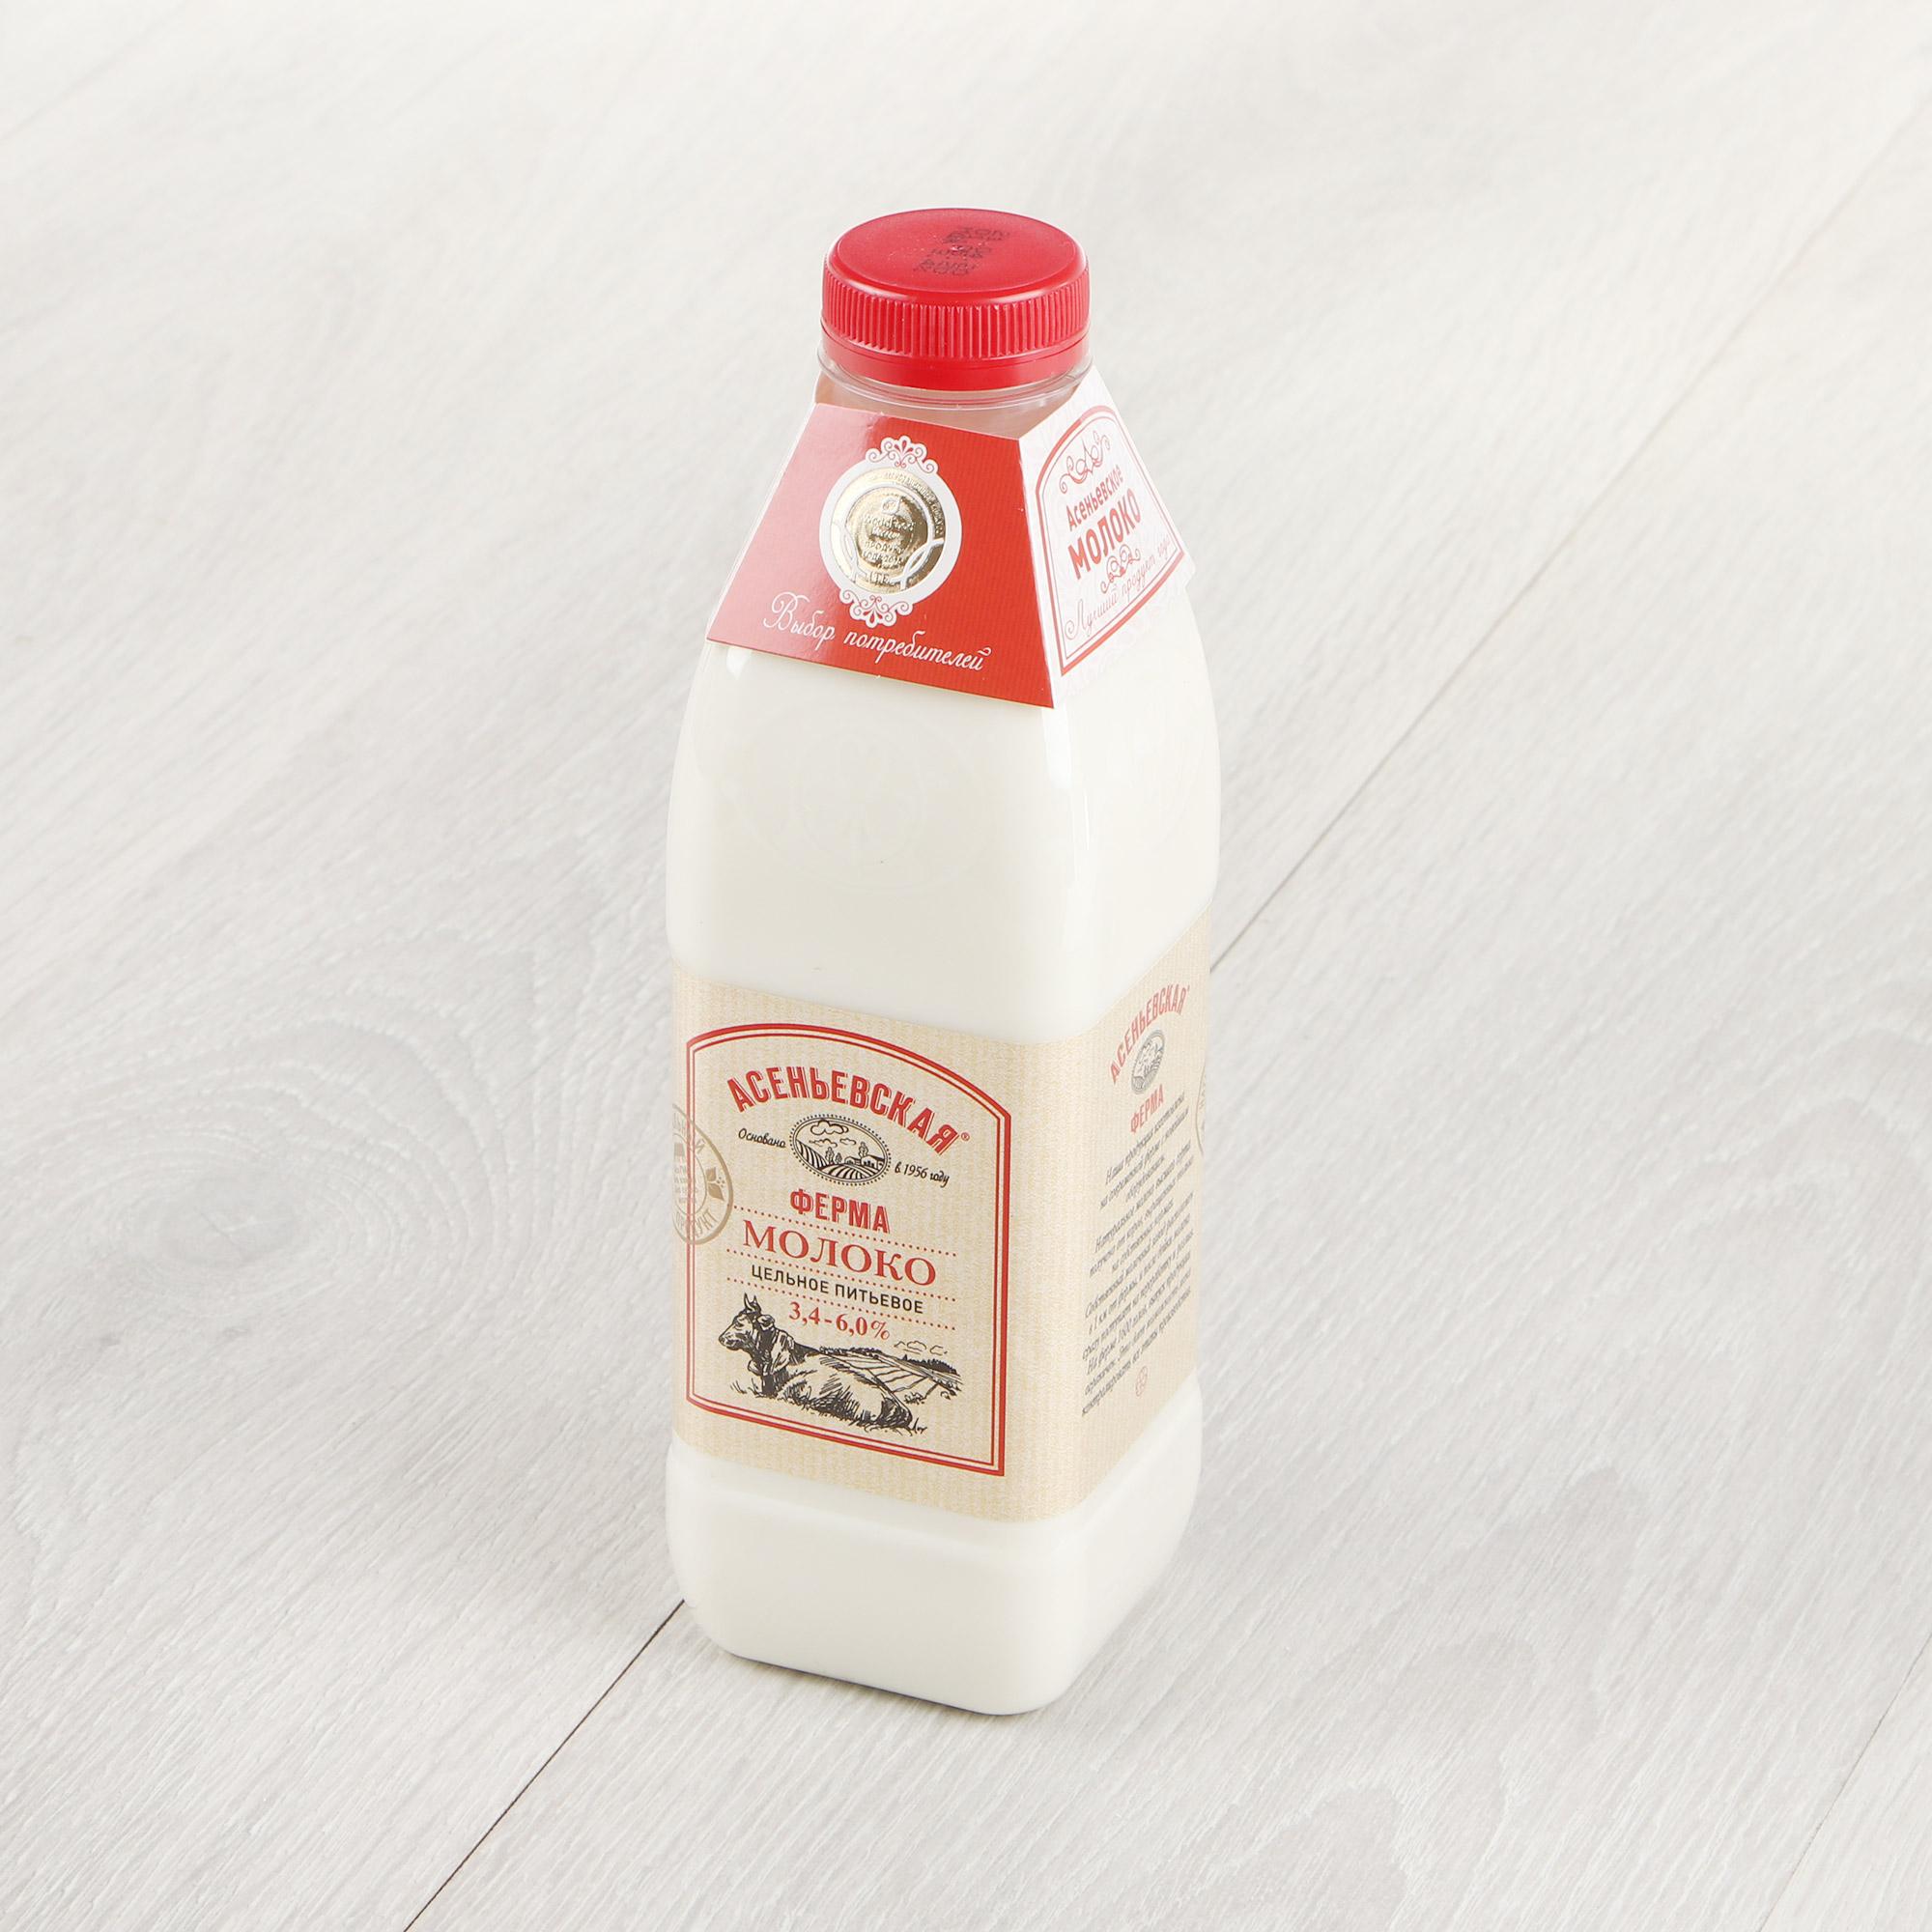 Молоко Асеньевская ферма 3,4-6% 900 г фото